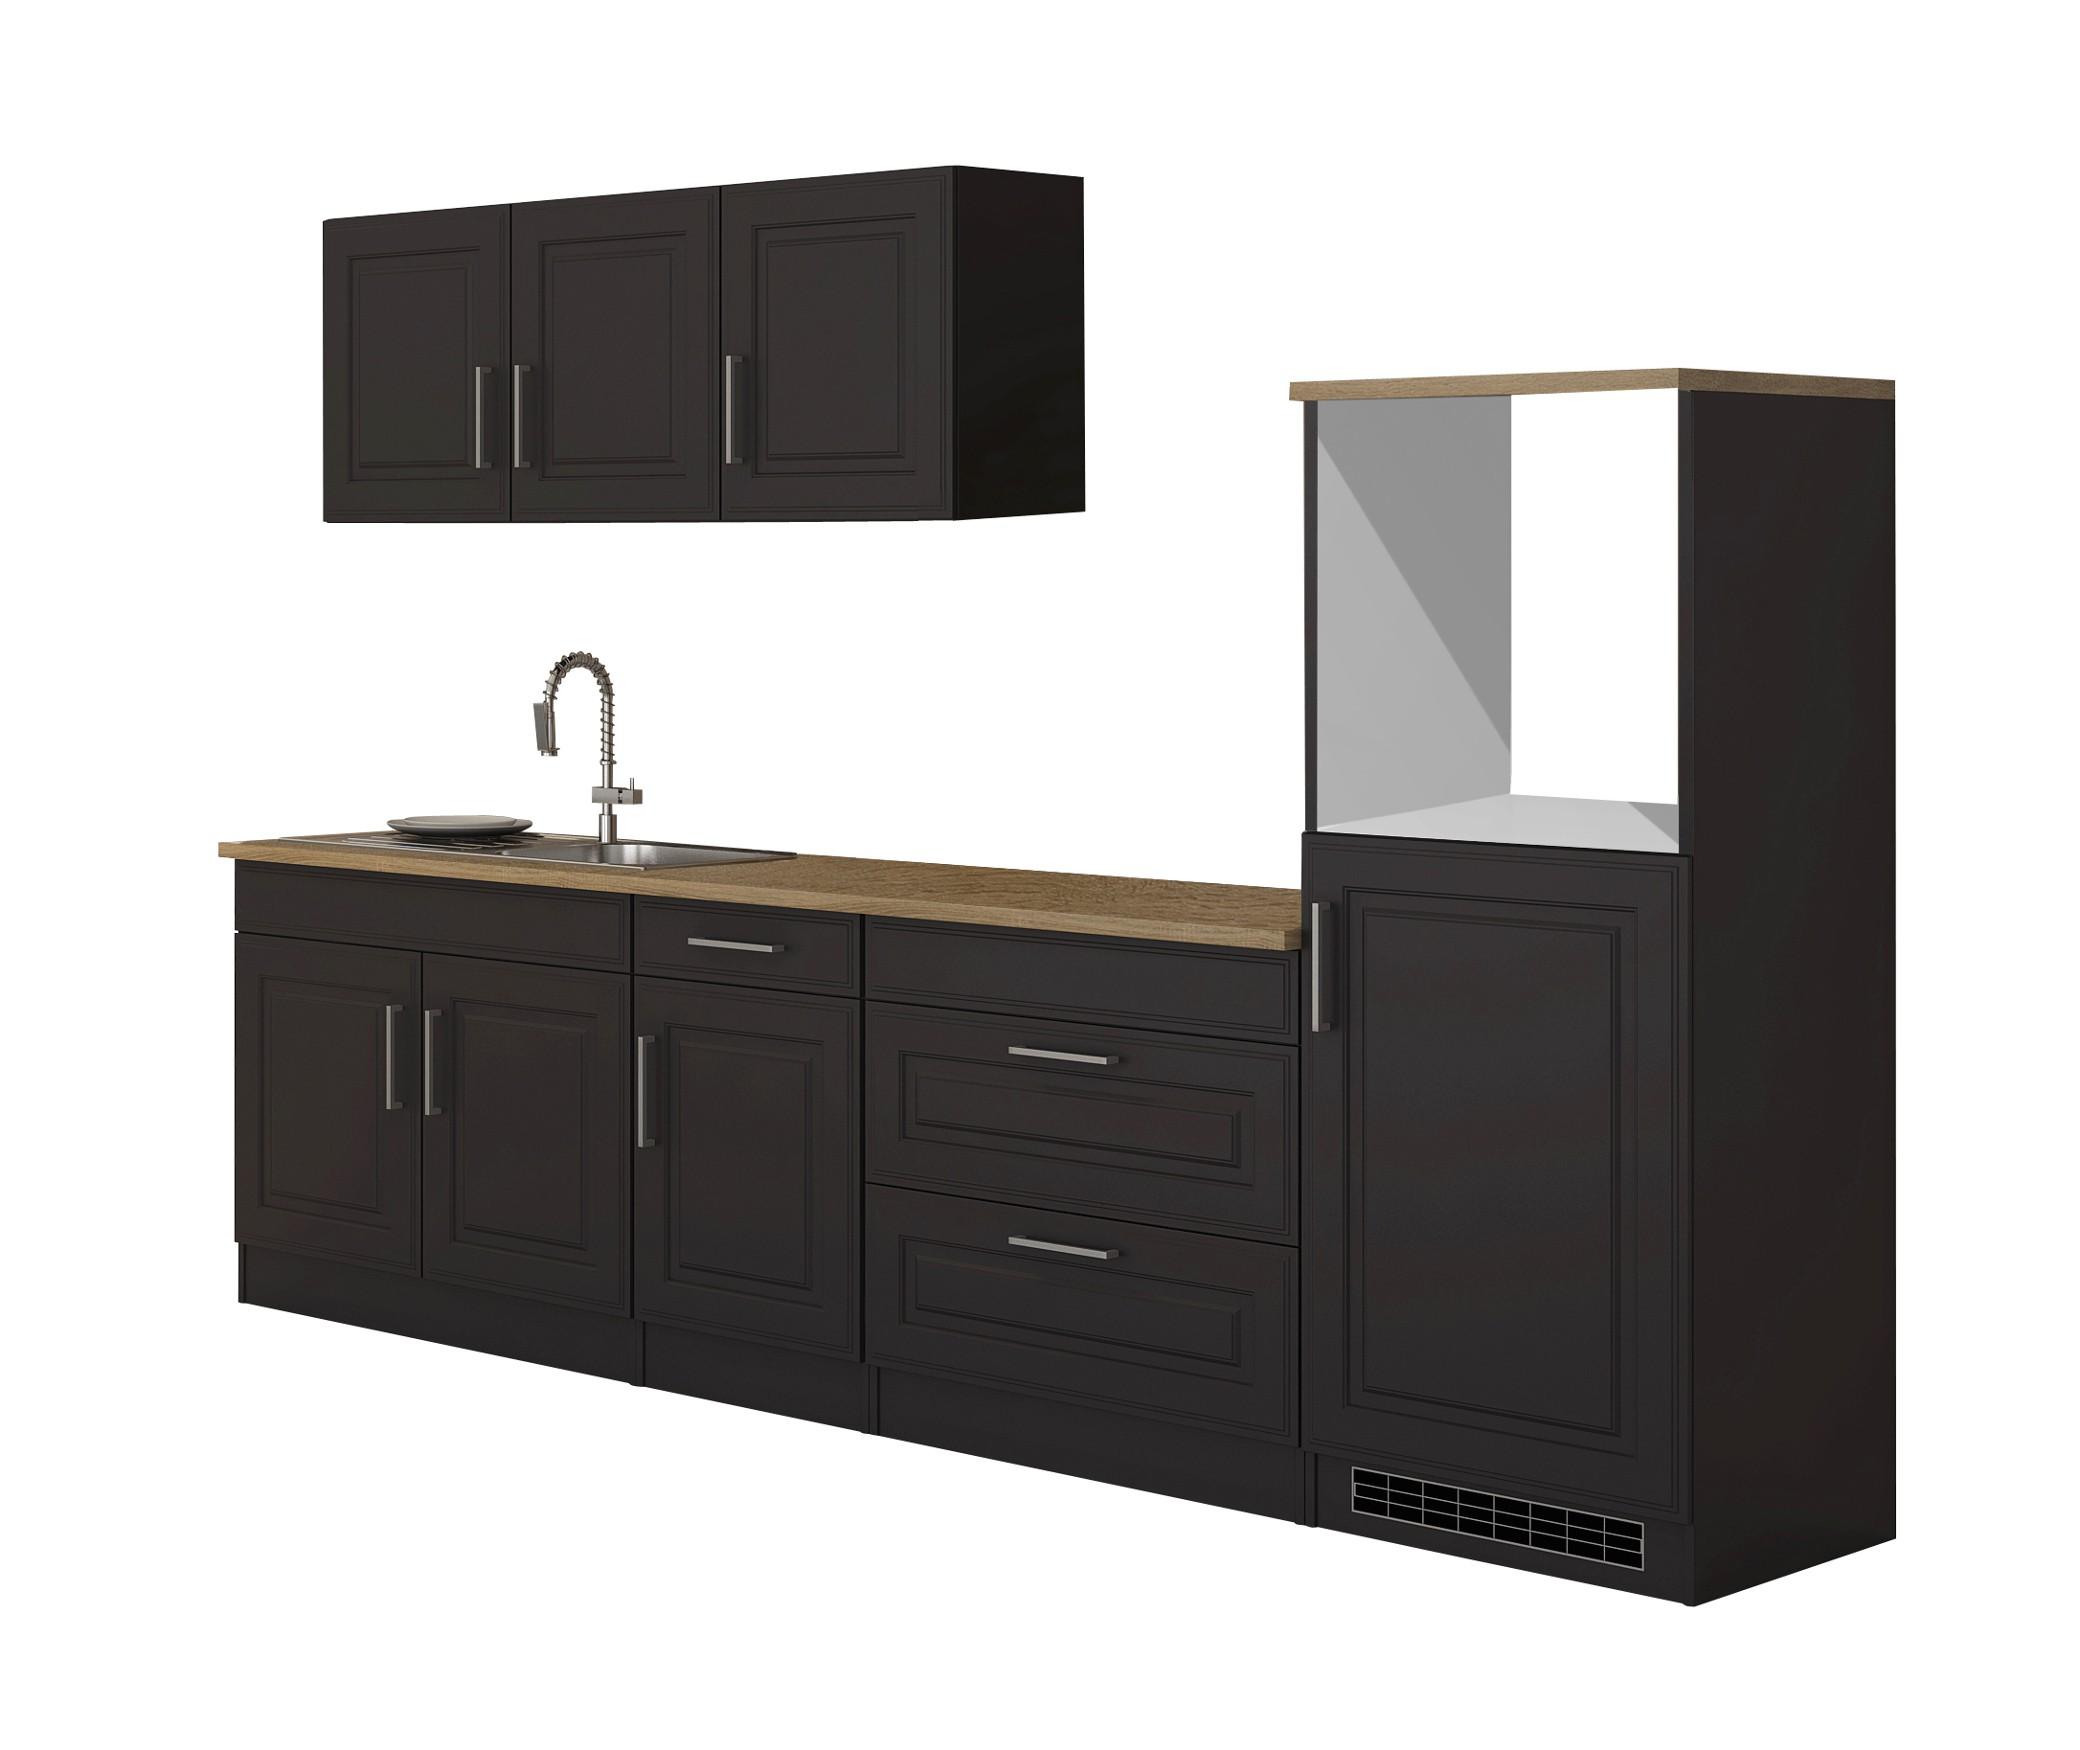 Küchenzeile ohne Geräte Einbauküche ohne Elektrogeräte Küchenblock ...